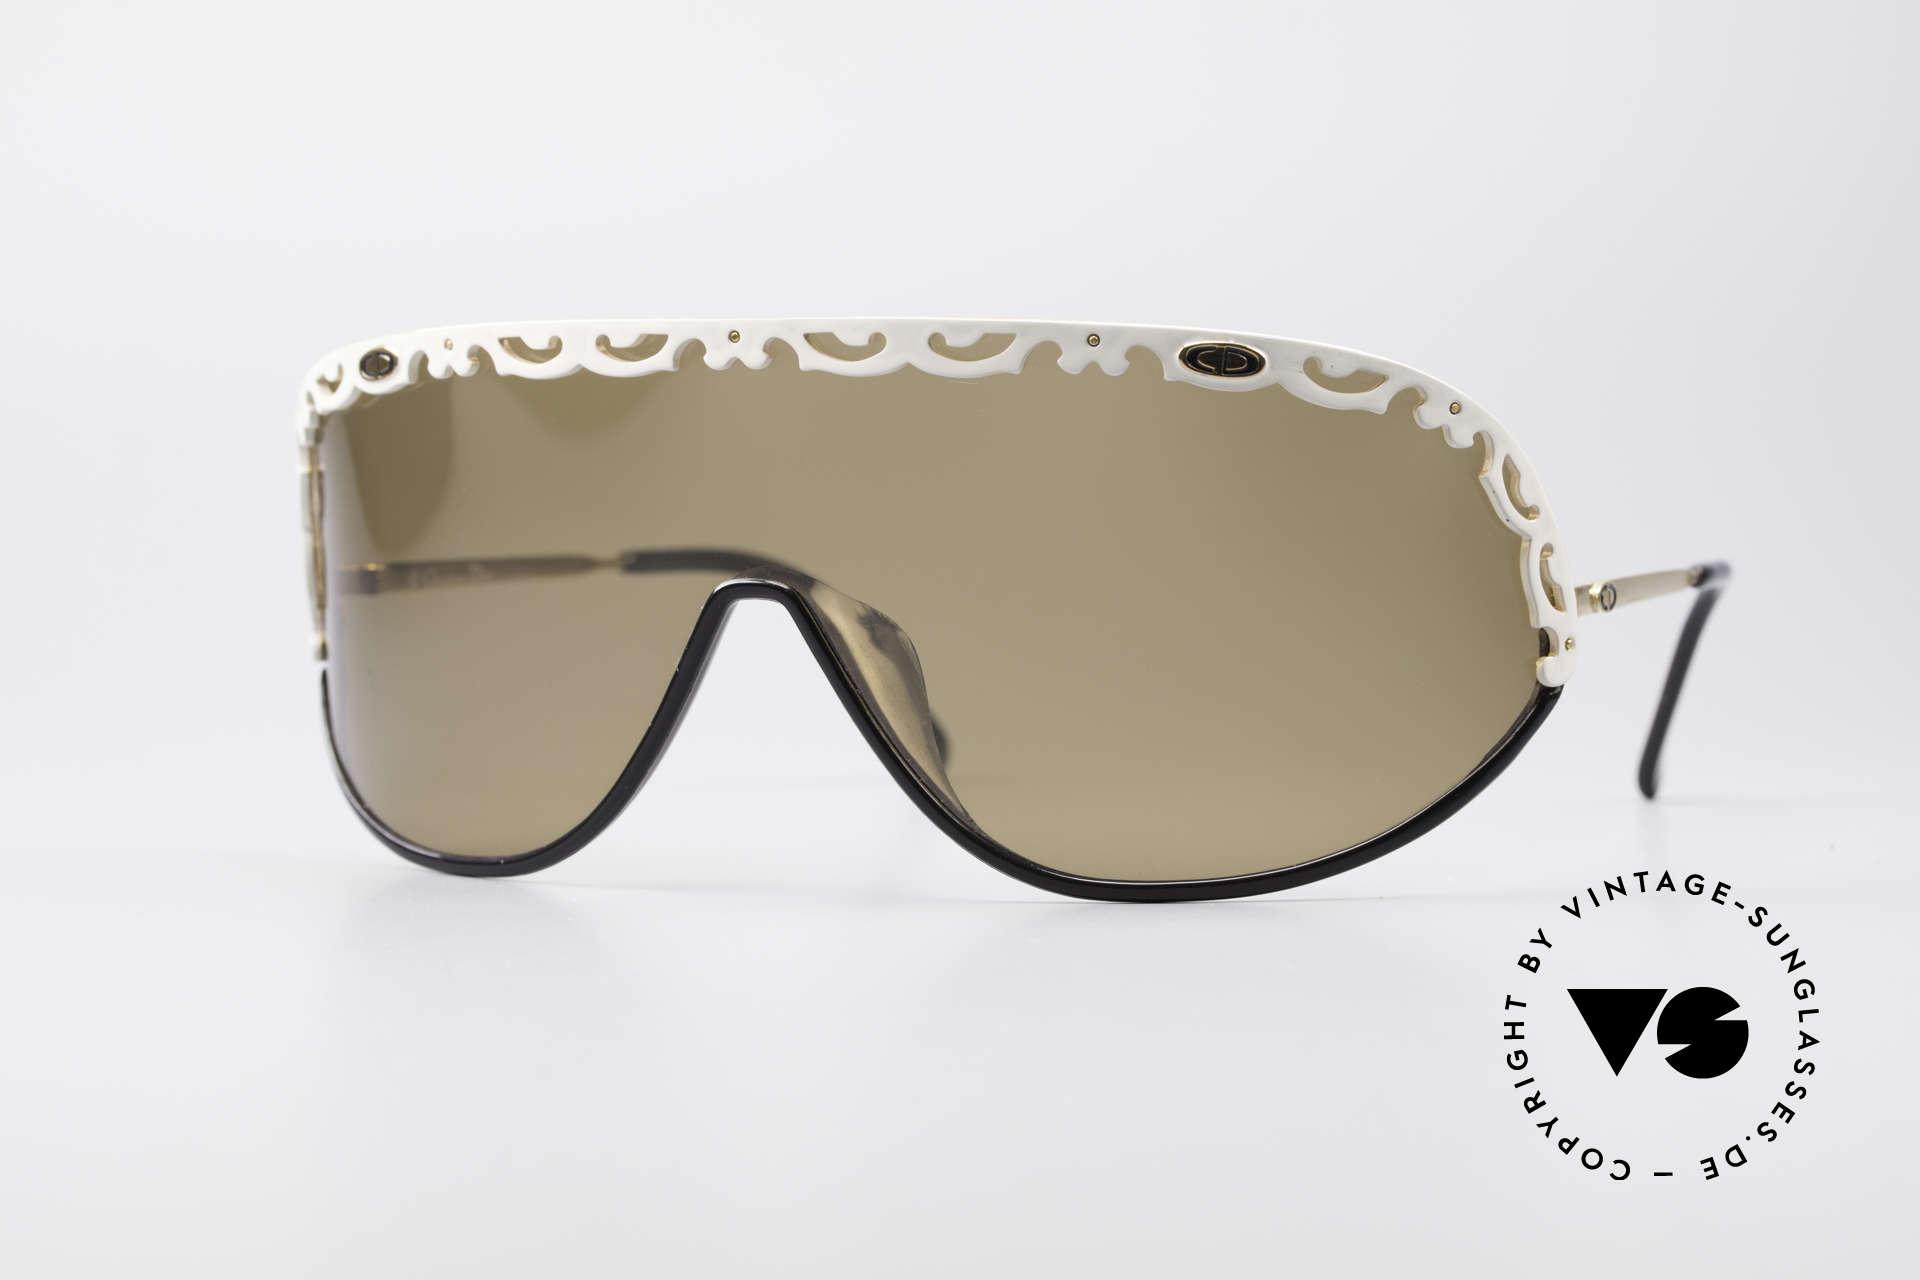 Christian Dior 2501 80er Designer Sonnenbrille, zauberhafte Christian Dior 80er vintage Sonnenbrille, Passend für Damen